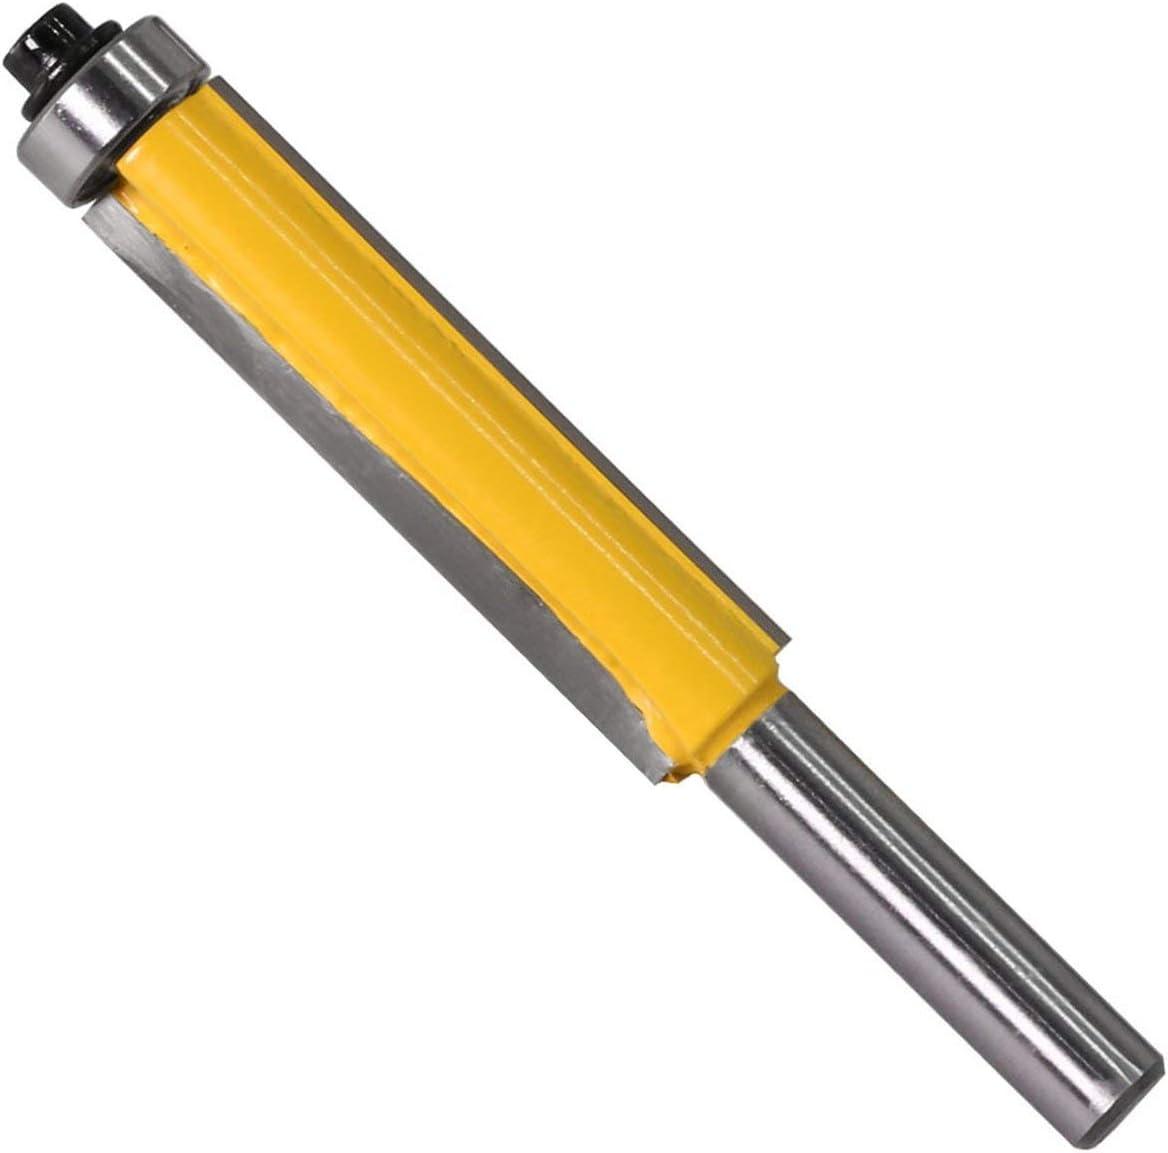 Sairis 8MM V/ástago Broca de fresado de Corte al RAS Alargado con rodamiento para patr/ón de Plantilla de Madera Fresa de carburo de tungsteno